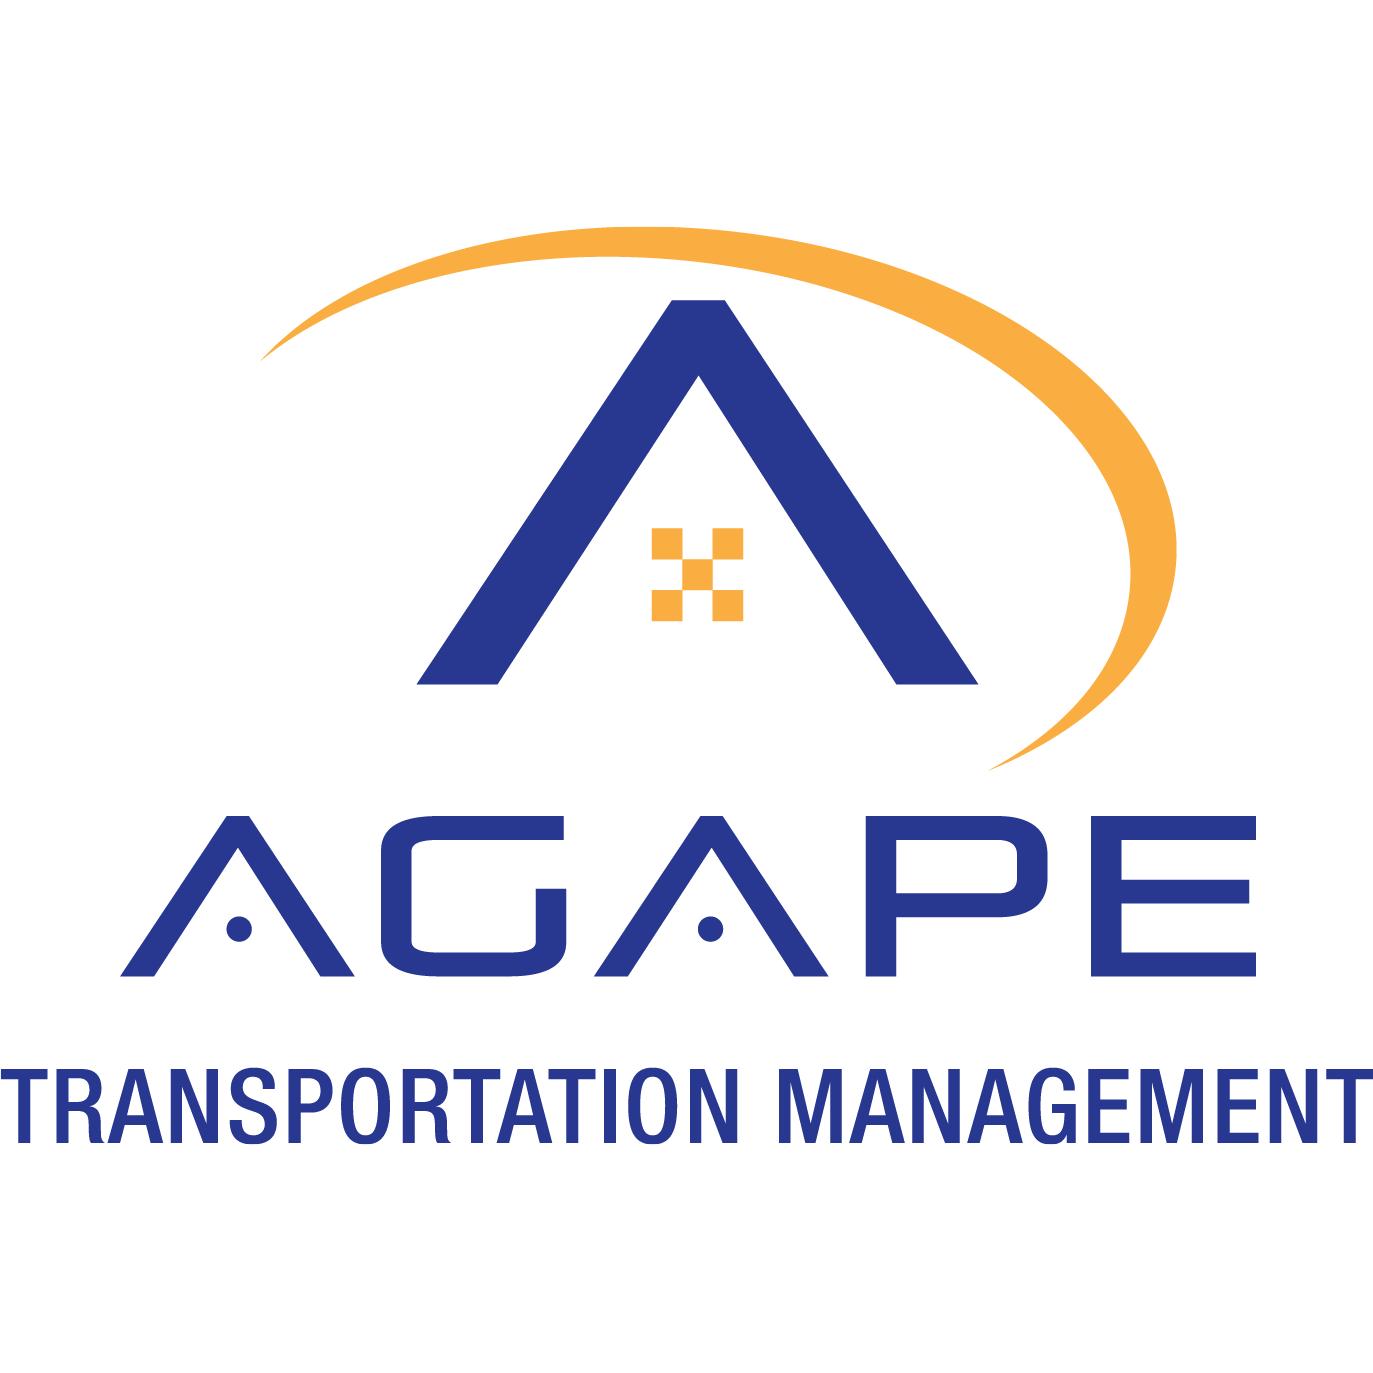 Agape Transportation Management